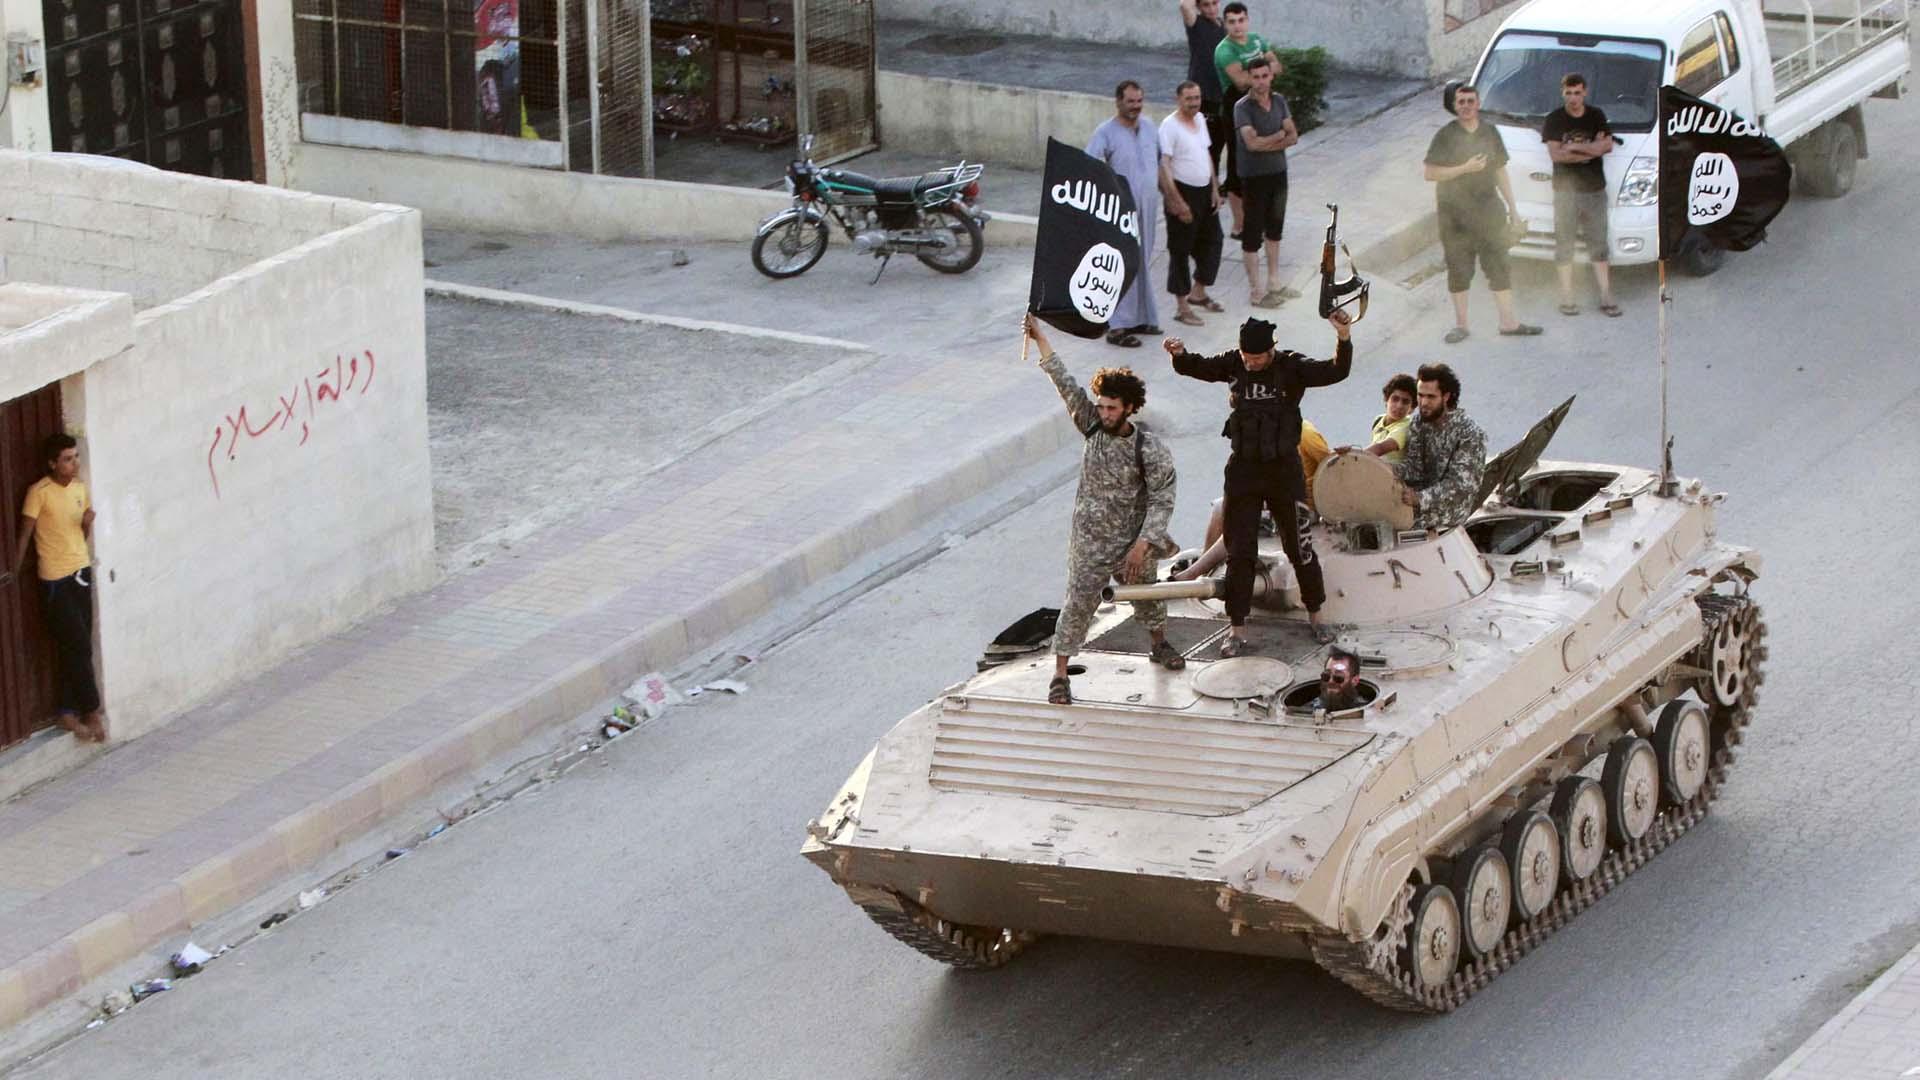 El máximo líder de la milicia terrorista planea atacar a Arabia Saudí y sus aliados en venganza por recientes ejecuciones